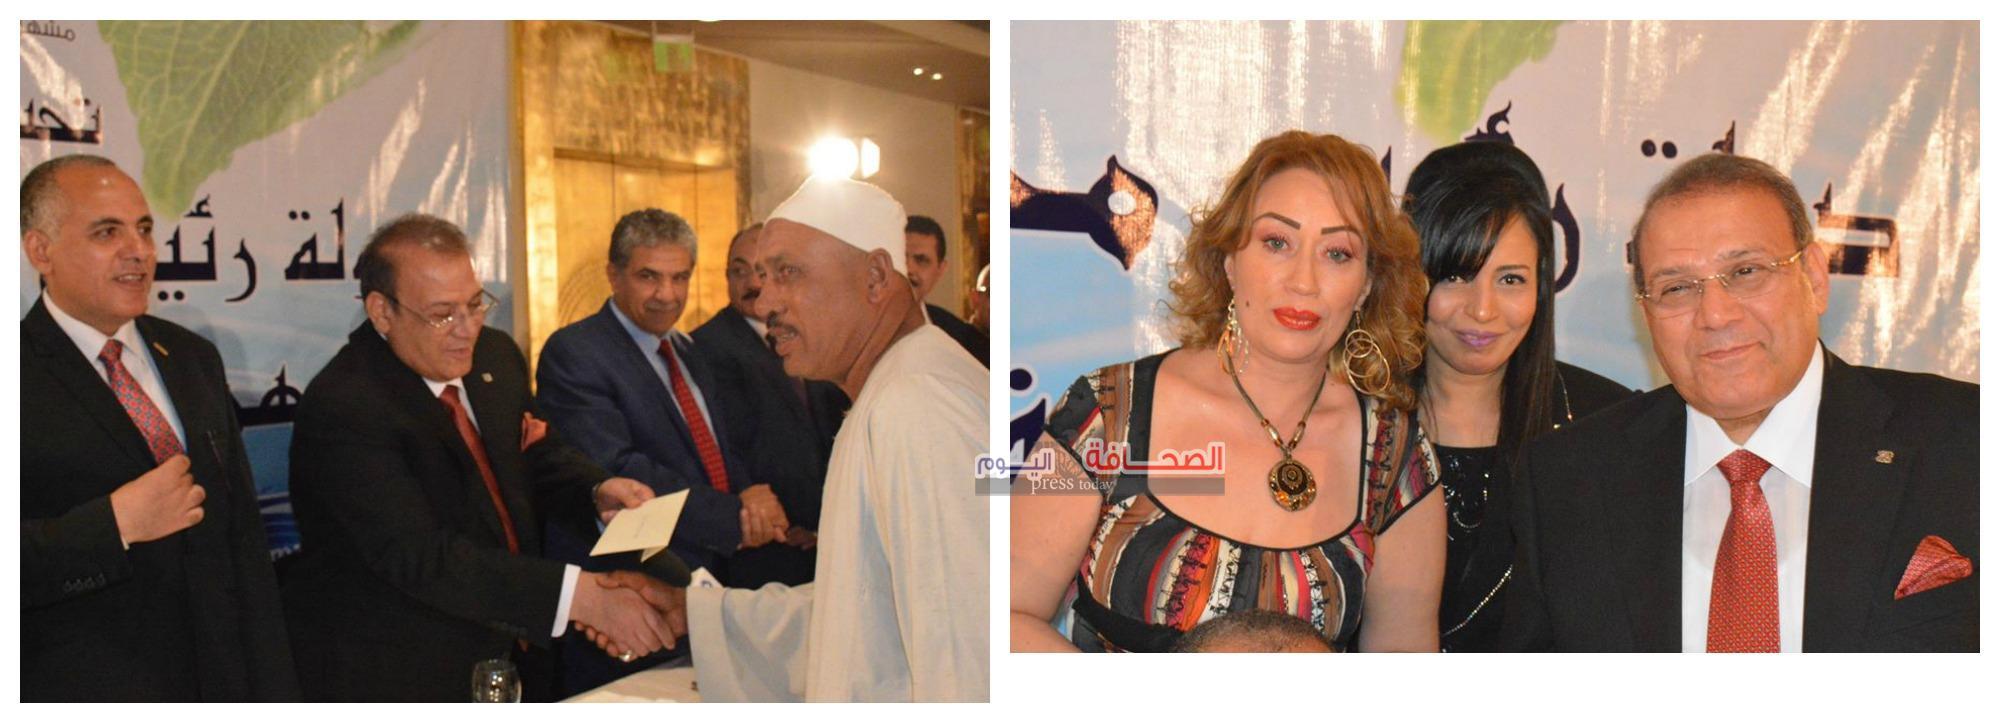 بالصور.. وزراء وفنانين فى الإحتفال بمهرجان وفاء النيل